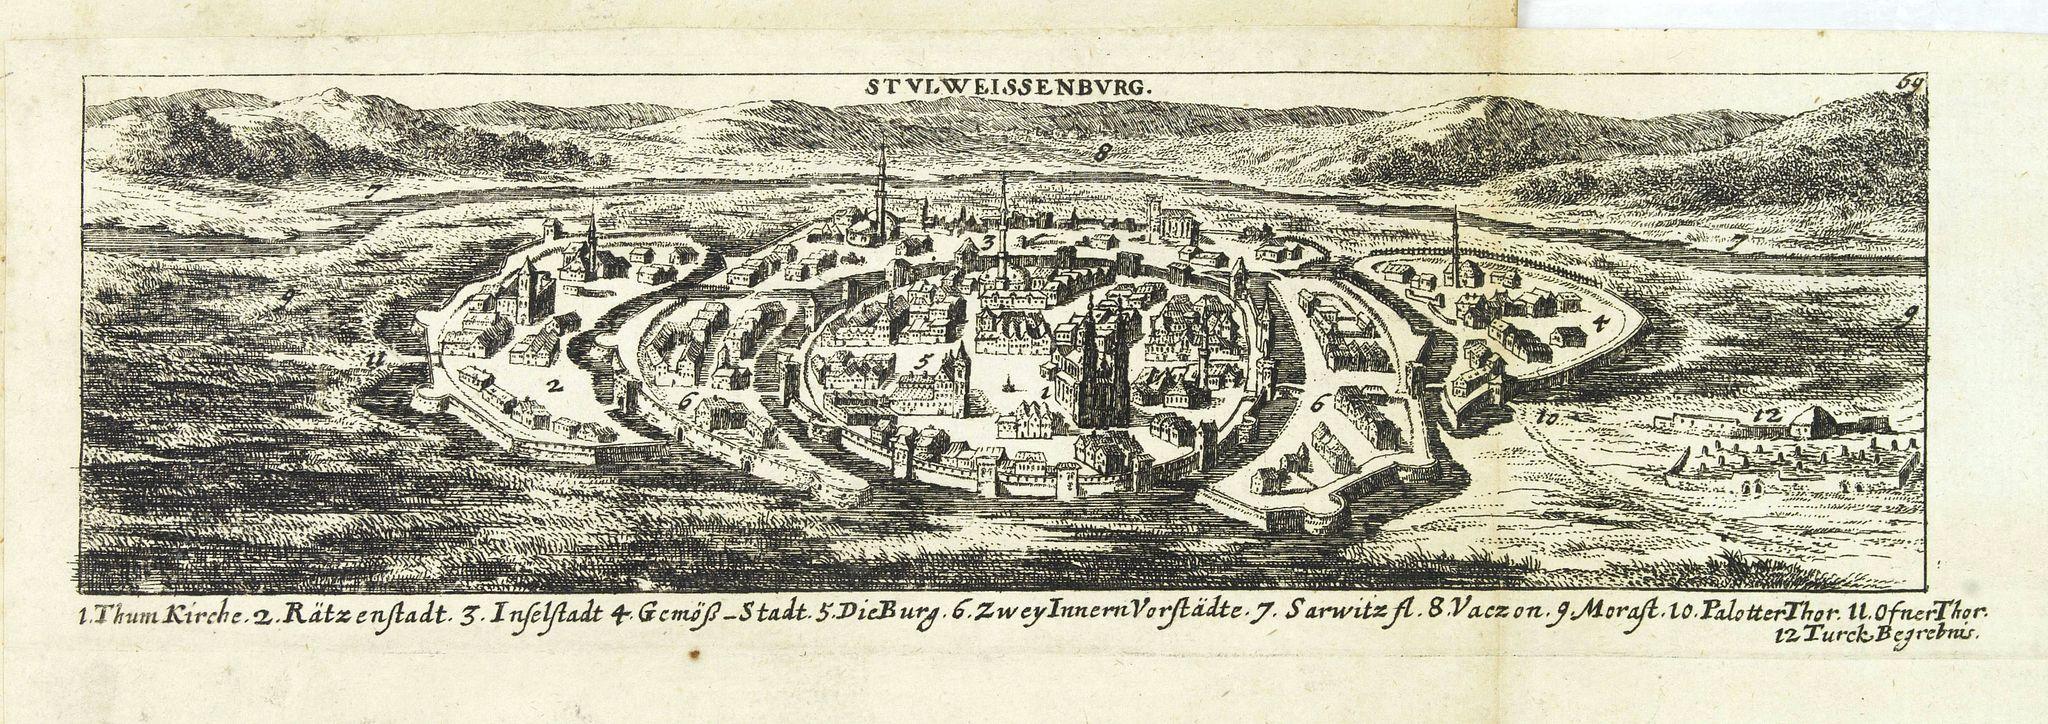 VON BIRKEN, S. -  Stulweissenburg. (Székesfehérvár)